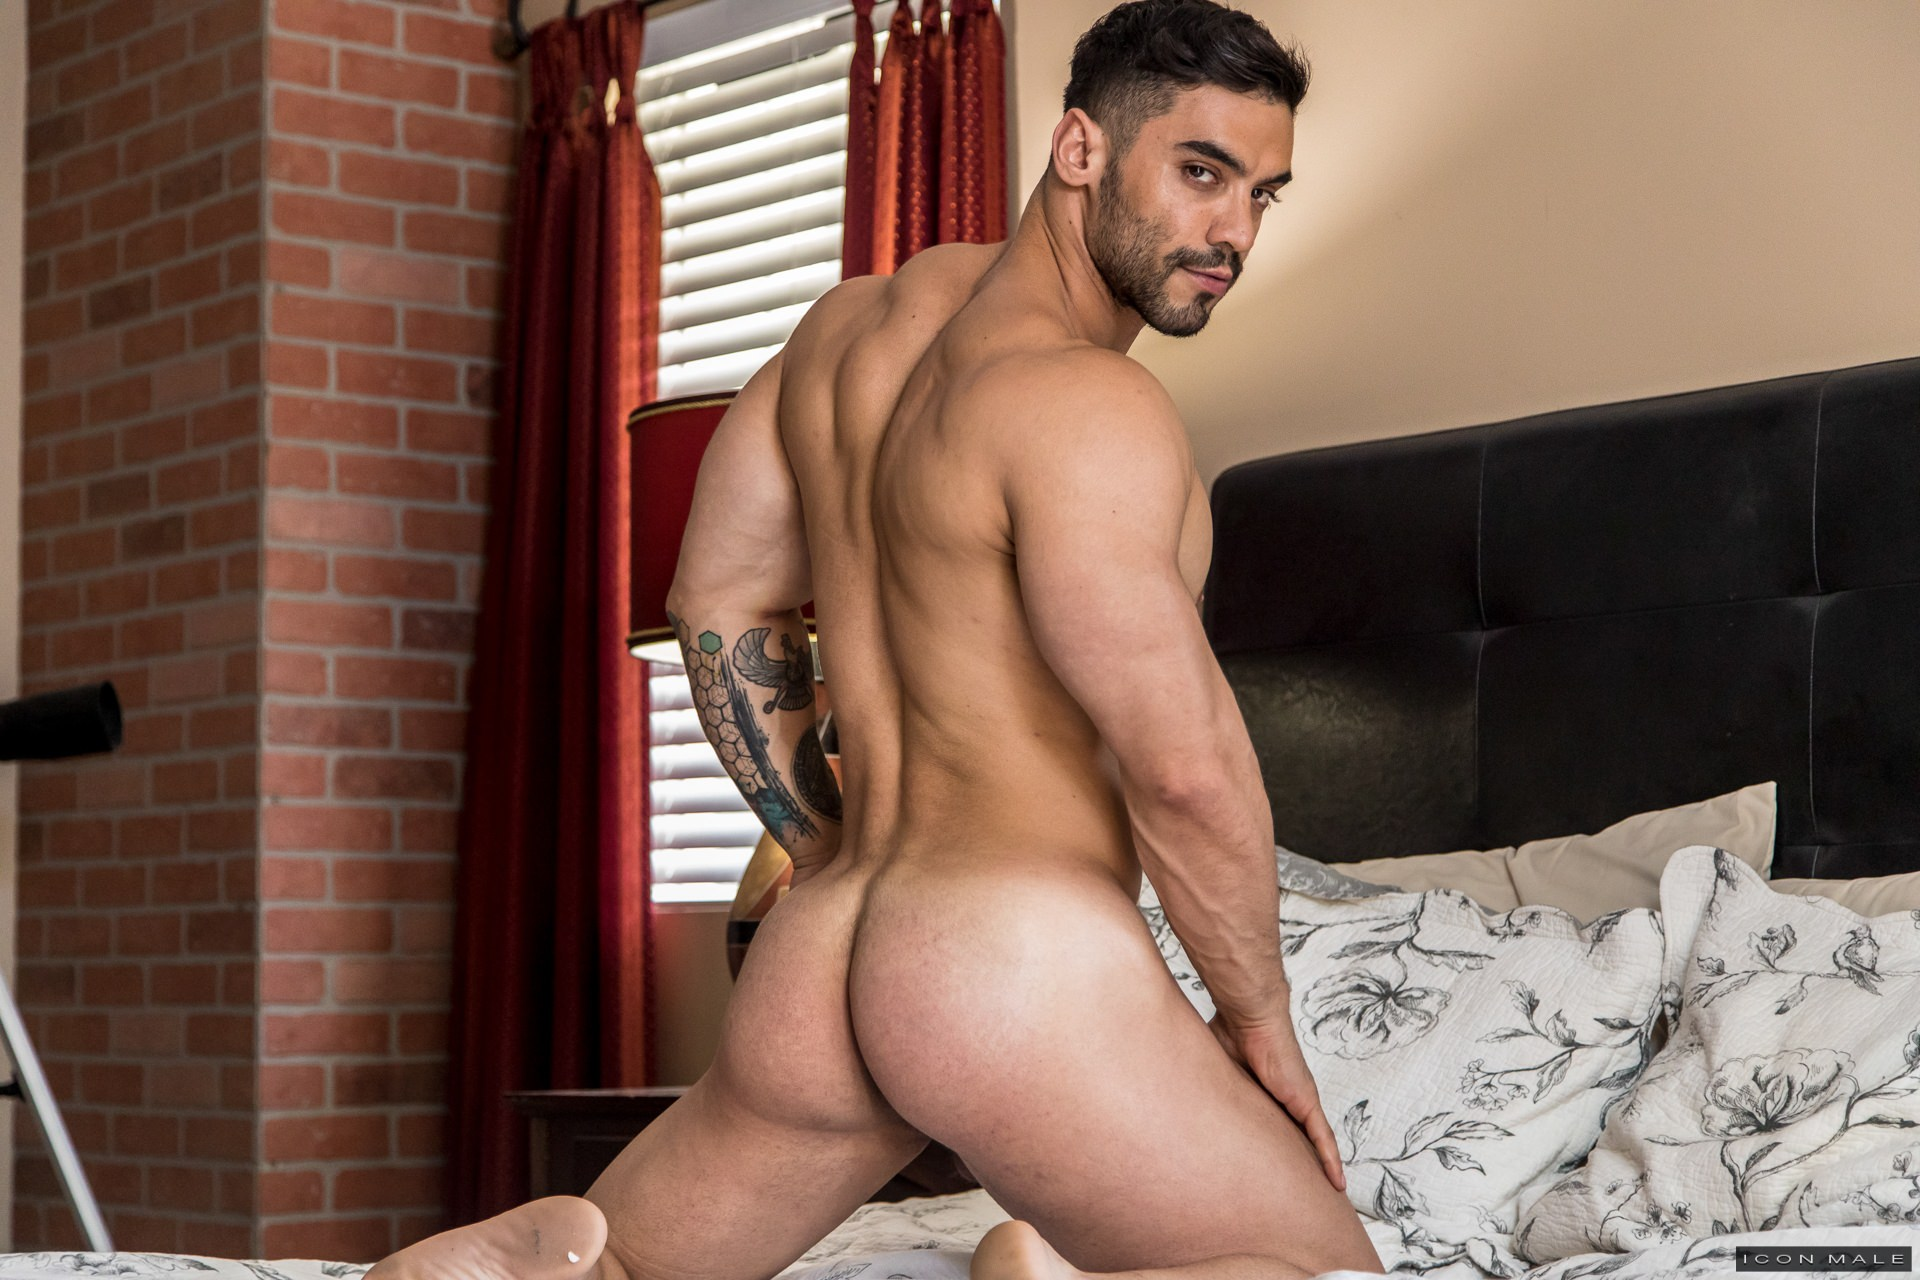 Arabs Porn Gay showing media & posts for arab gay porn star porn xxx | www